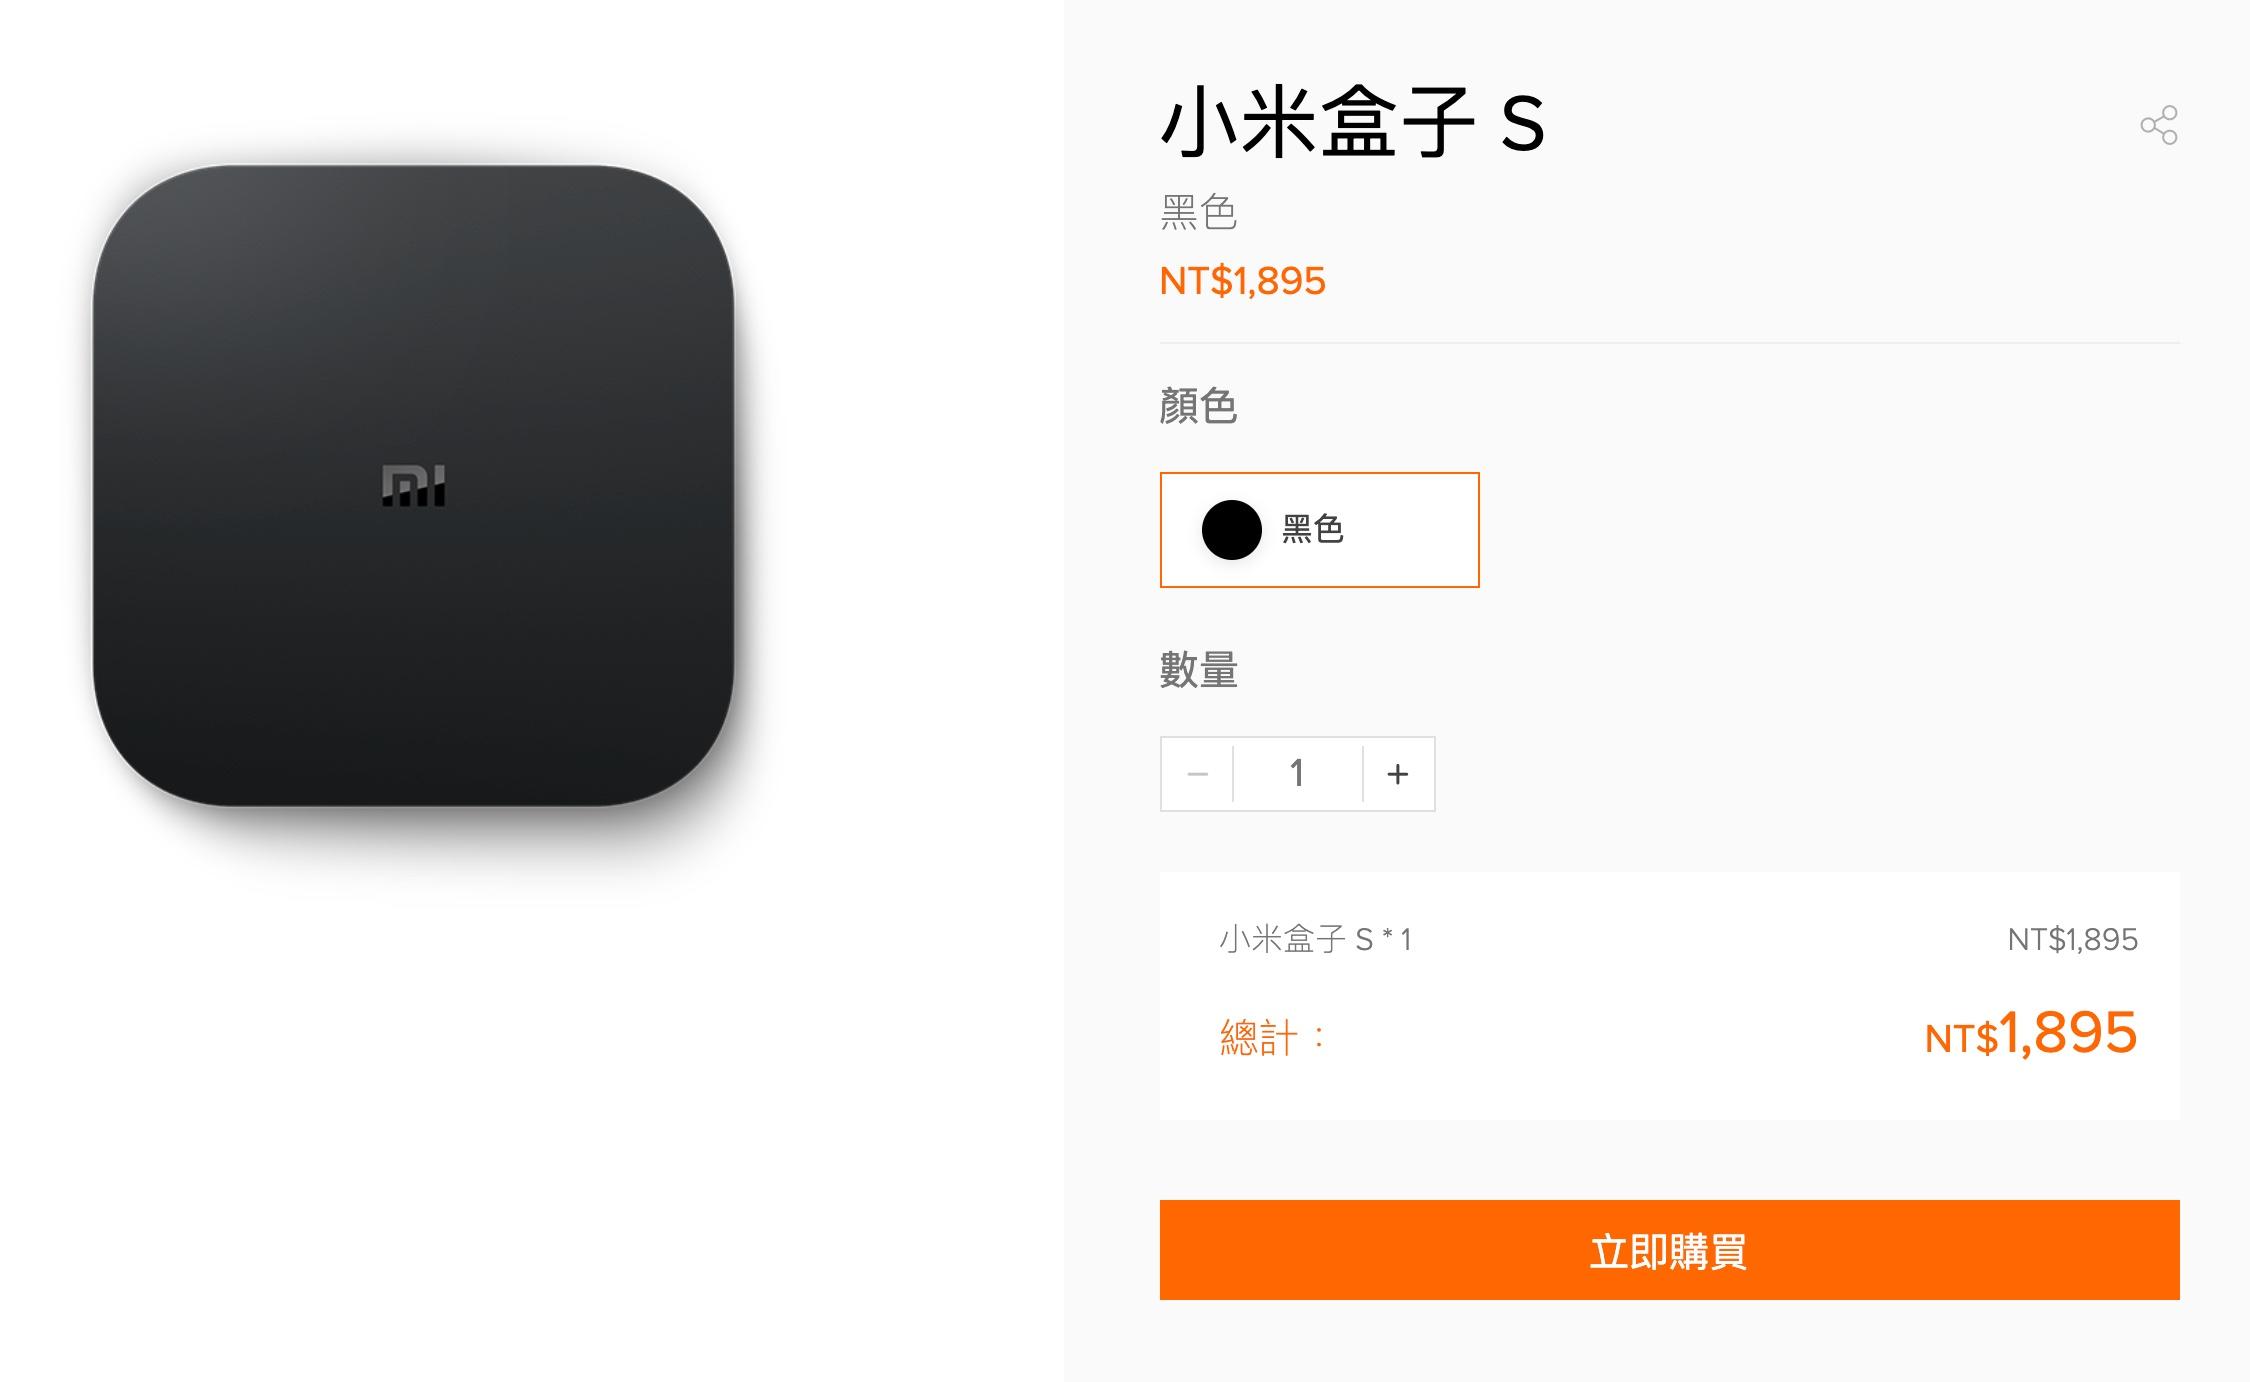 小米台灣智慧顯示器究竟值不值得買